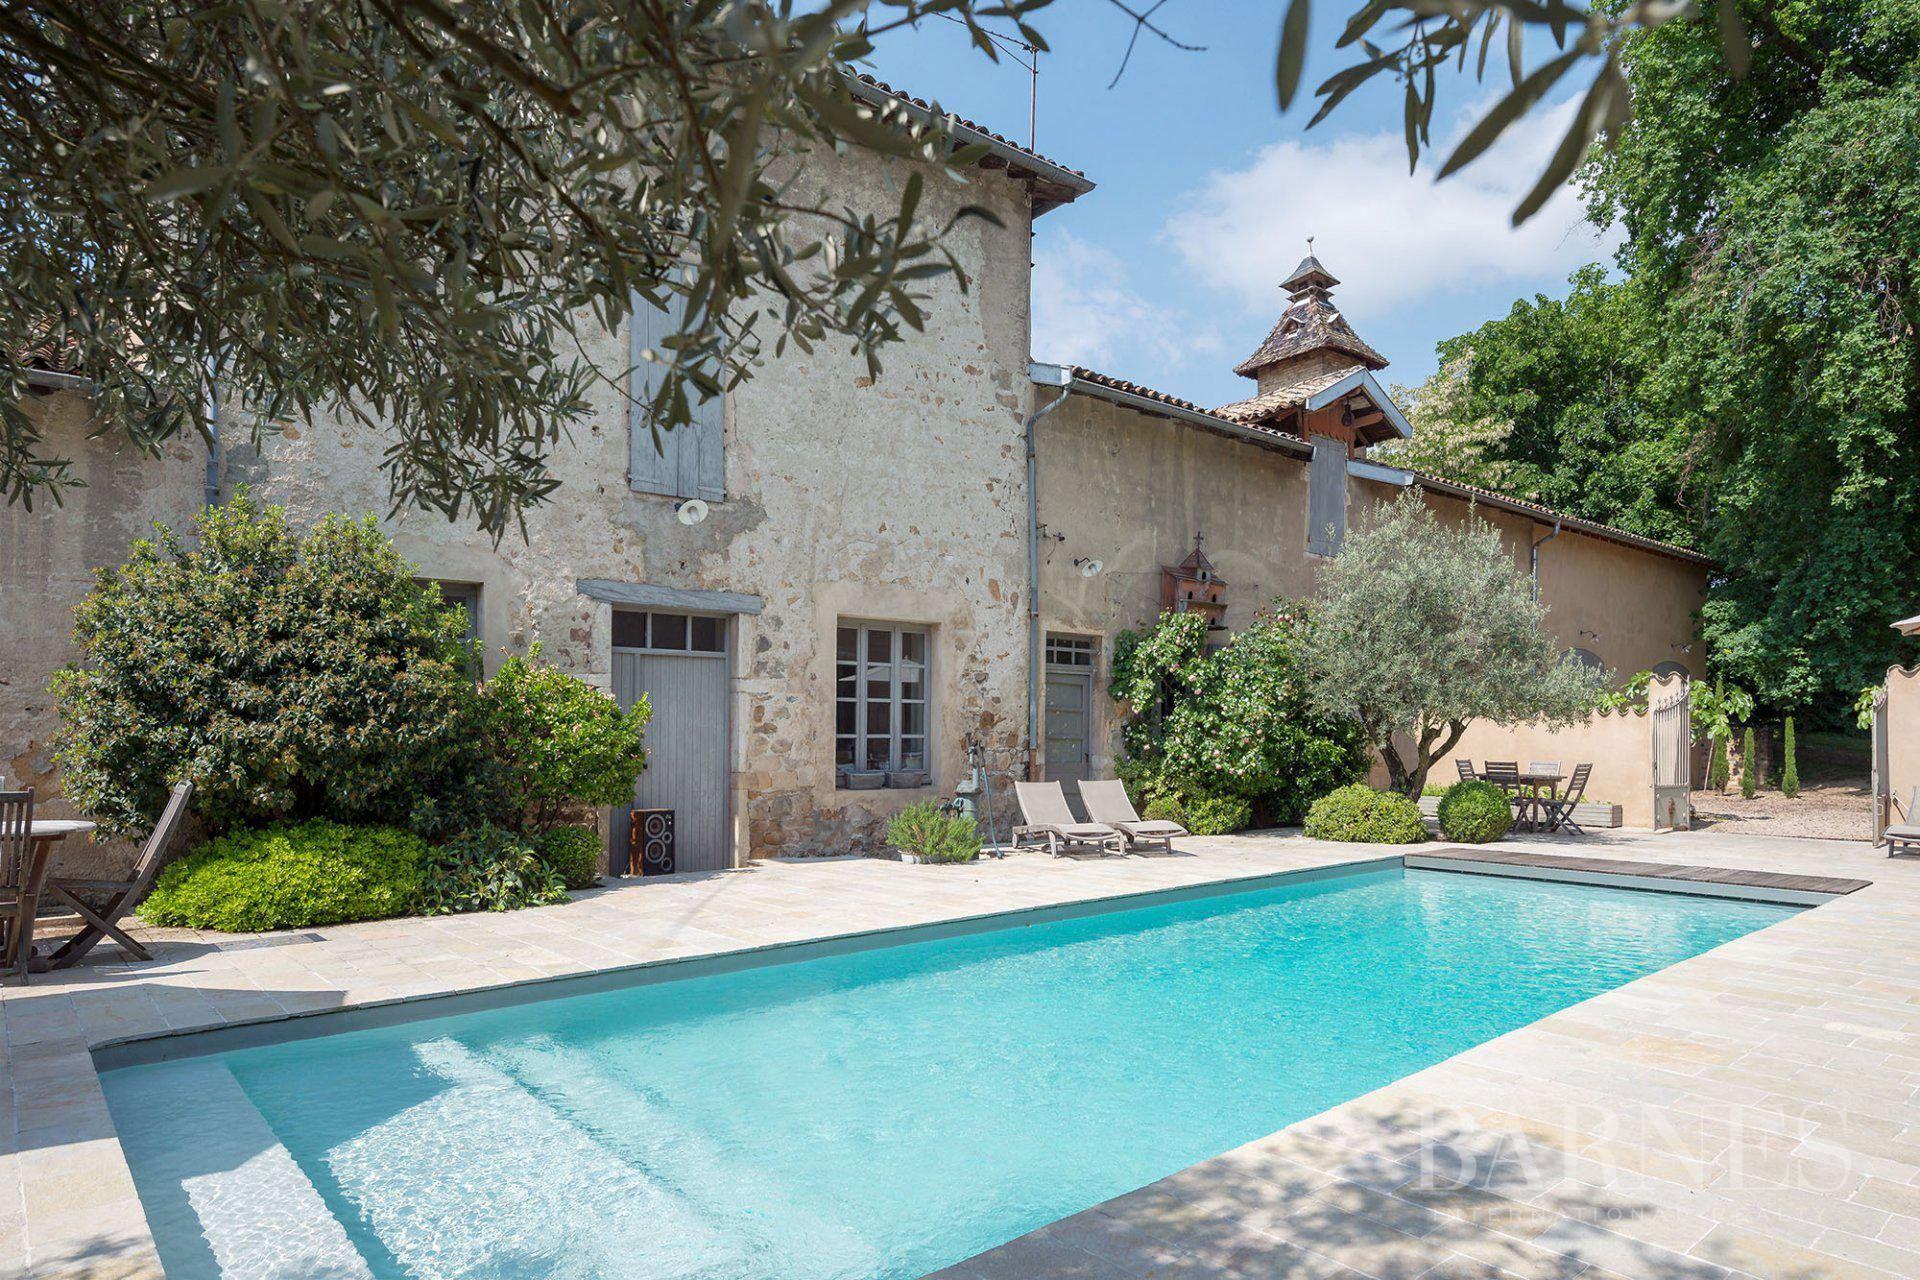 Regnié-Durette - Beaujolais - Castle of 556 sqm - Land of 1.8 hectare - 8 bedrooms